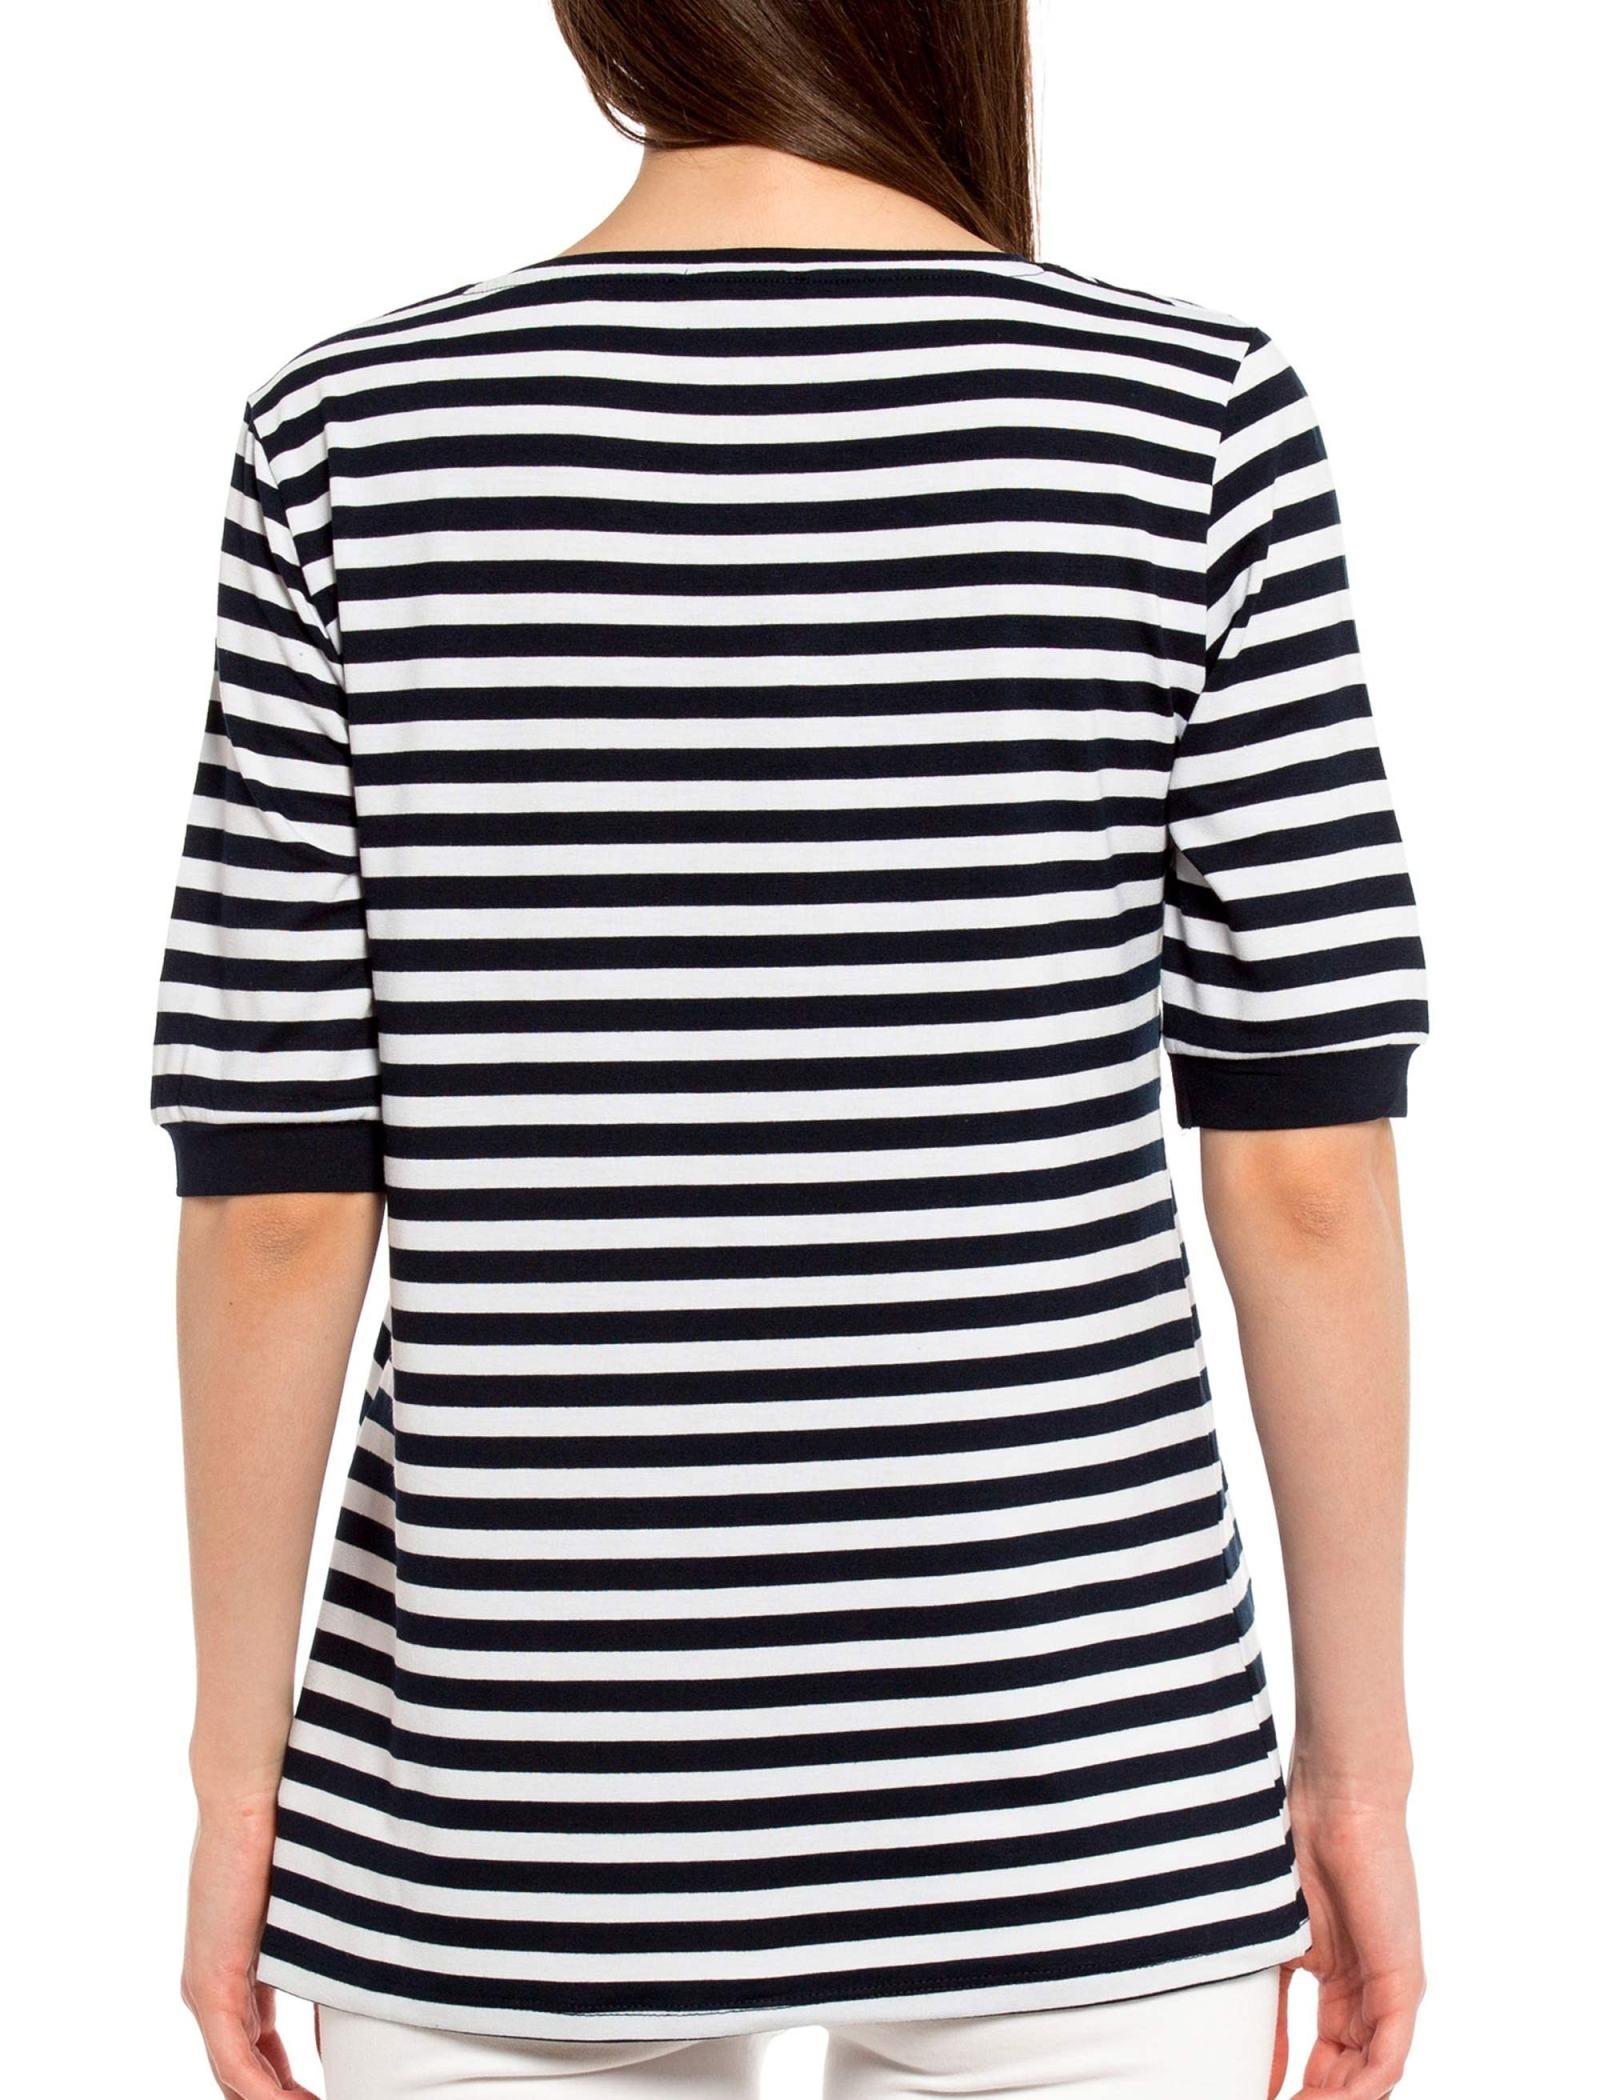 تی شرت ویسکوز یقه گرد زنانه - ال سی وایکیکی - سرمه اي و سفيد - 2